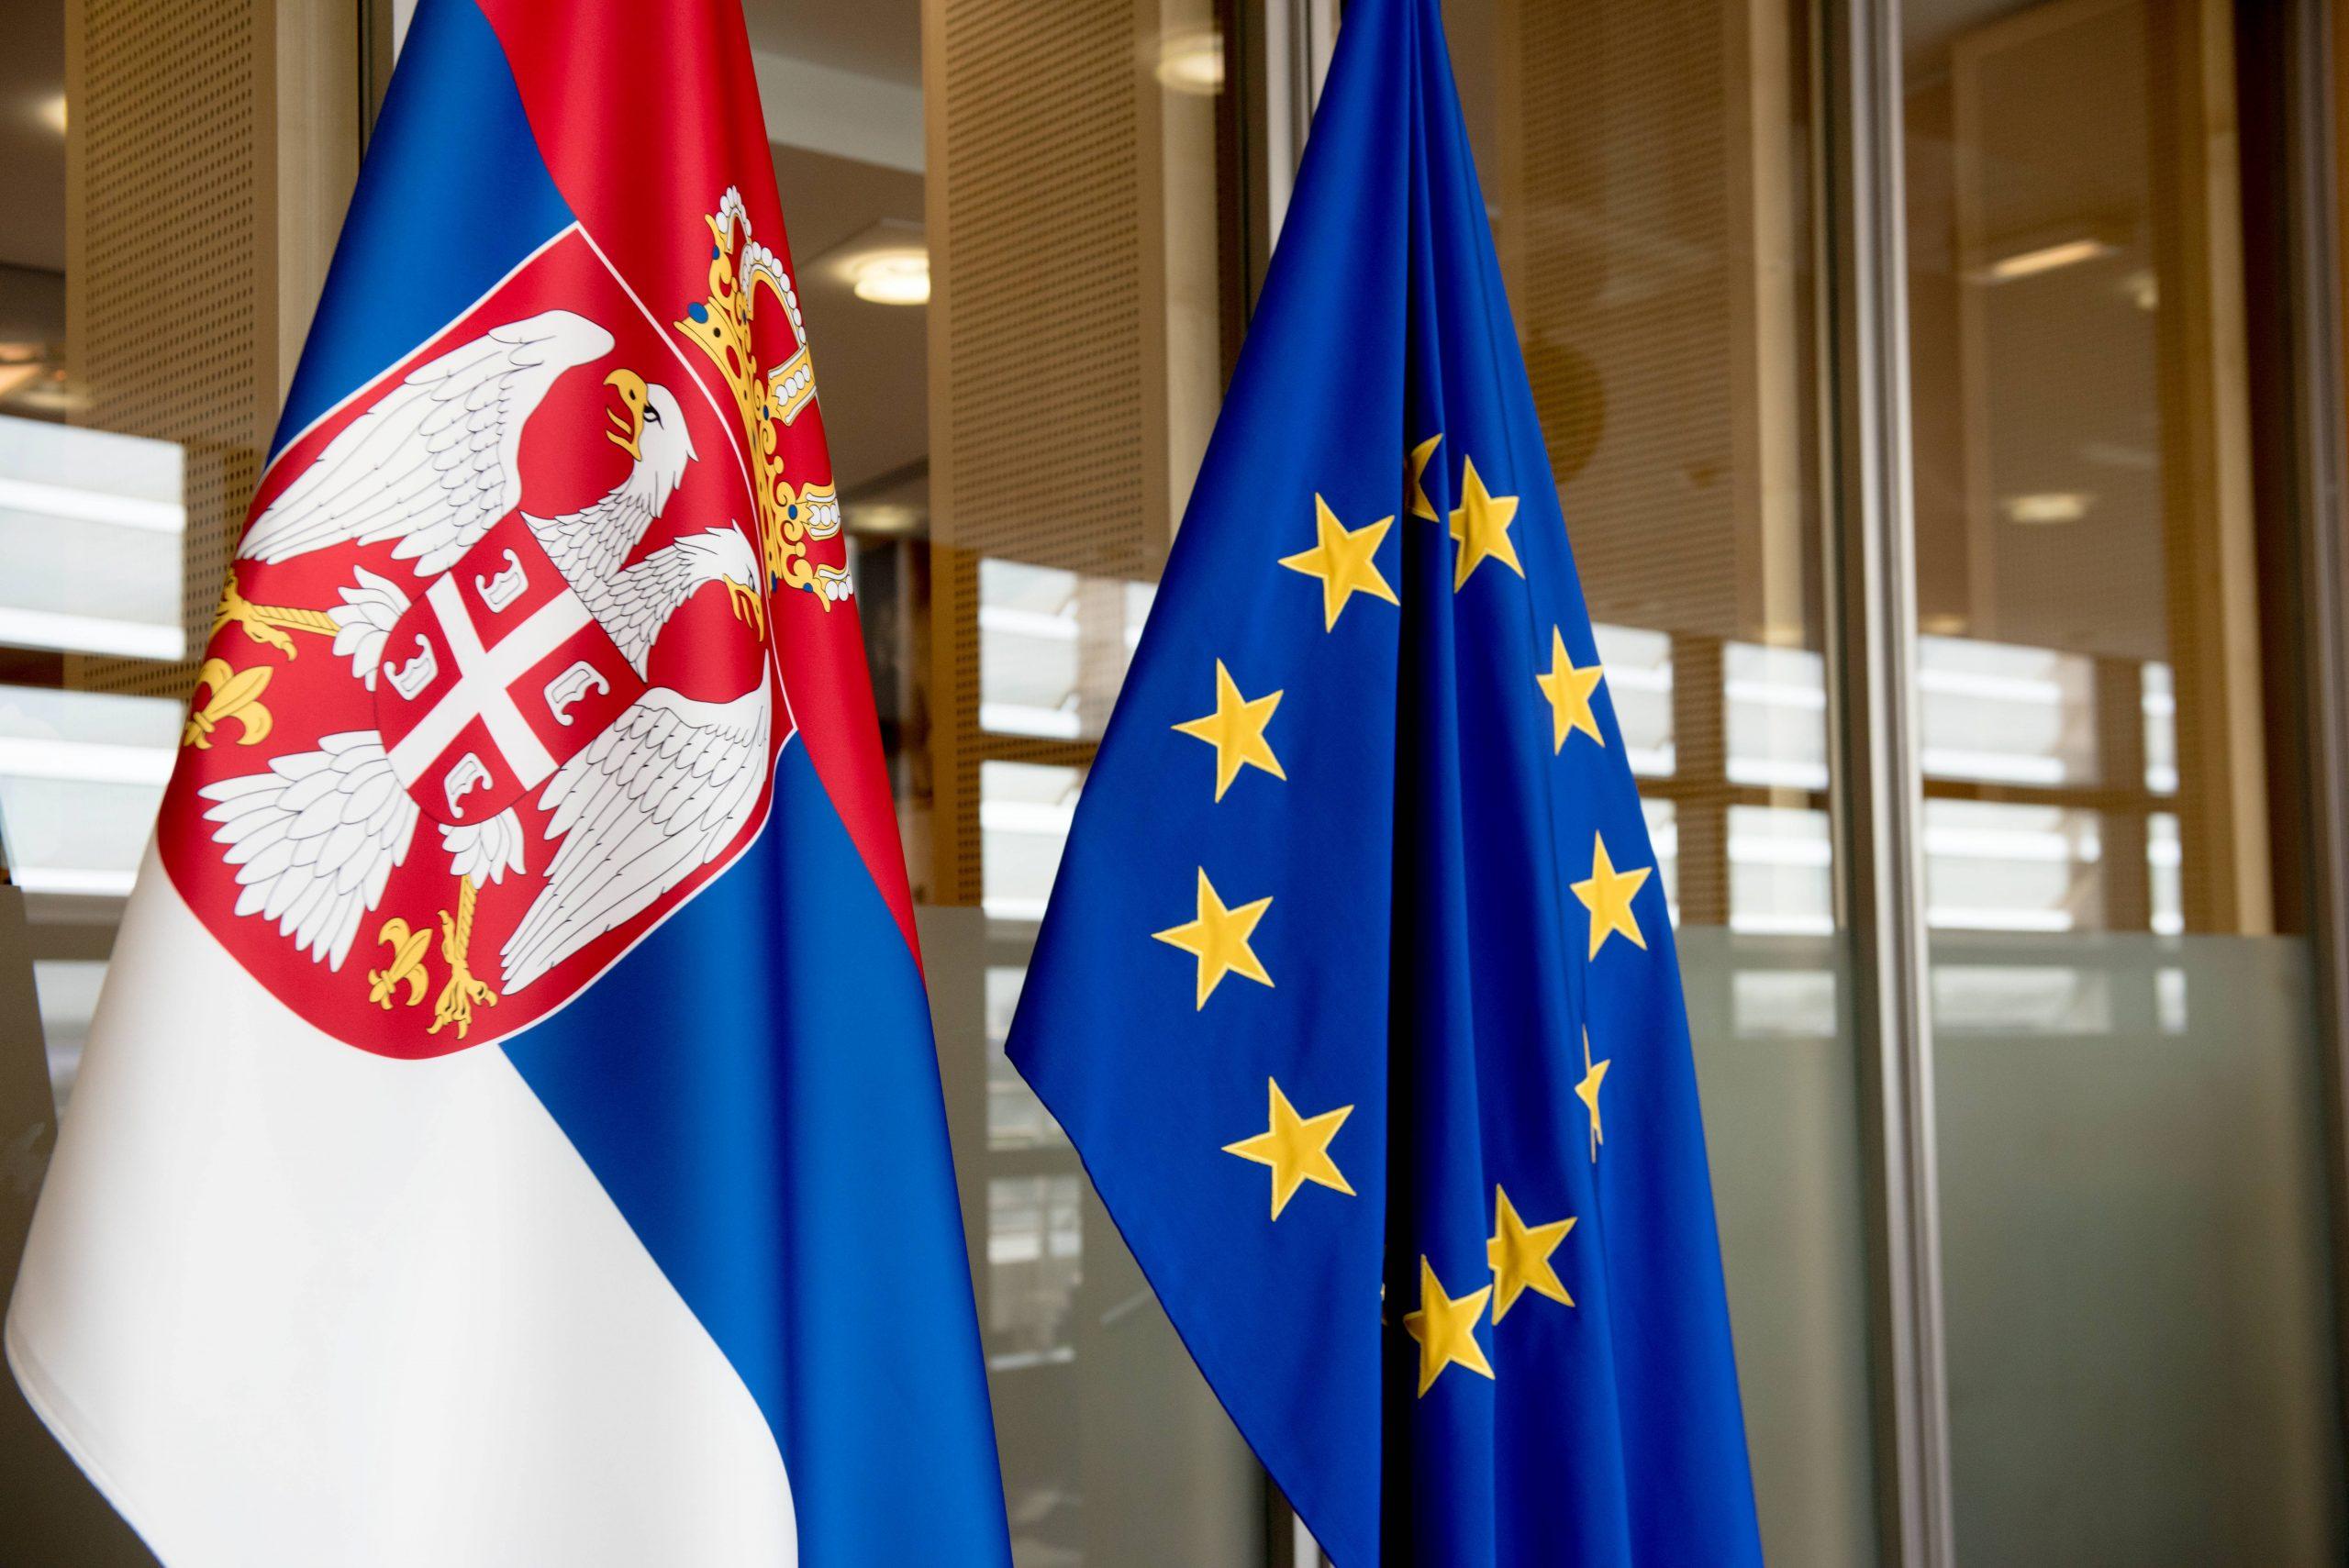 Više od 50 odsto građana Srbije podržava pridruživanje Evropskoj uniji 1